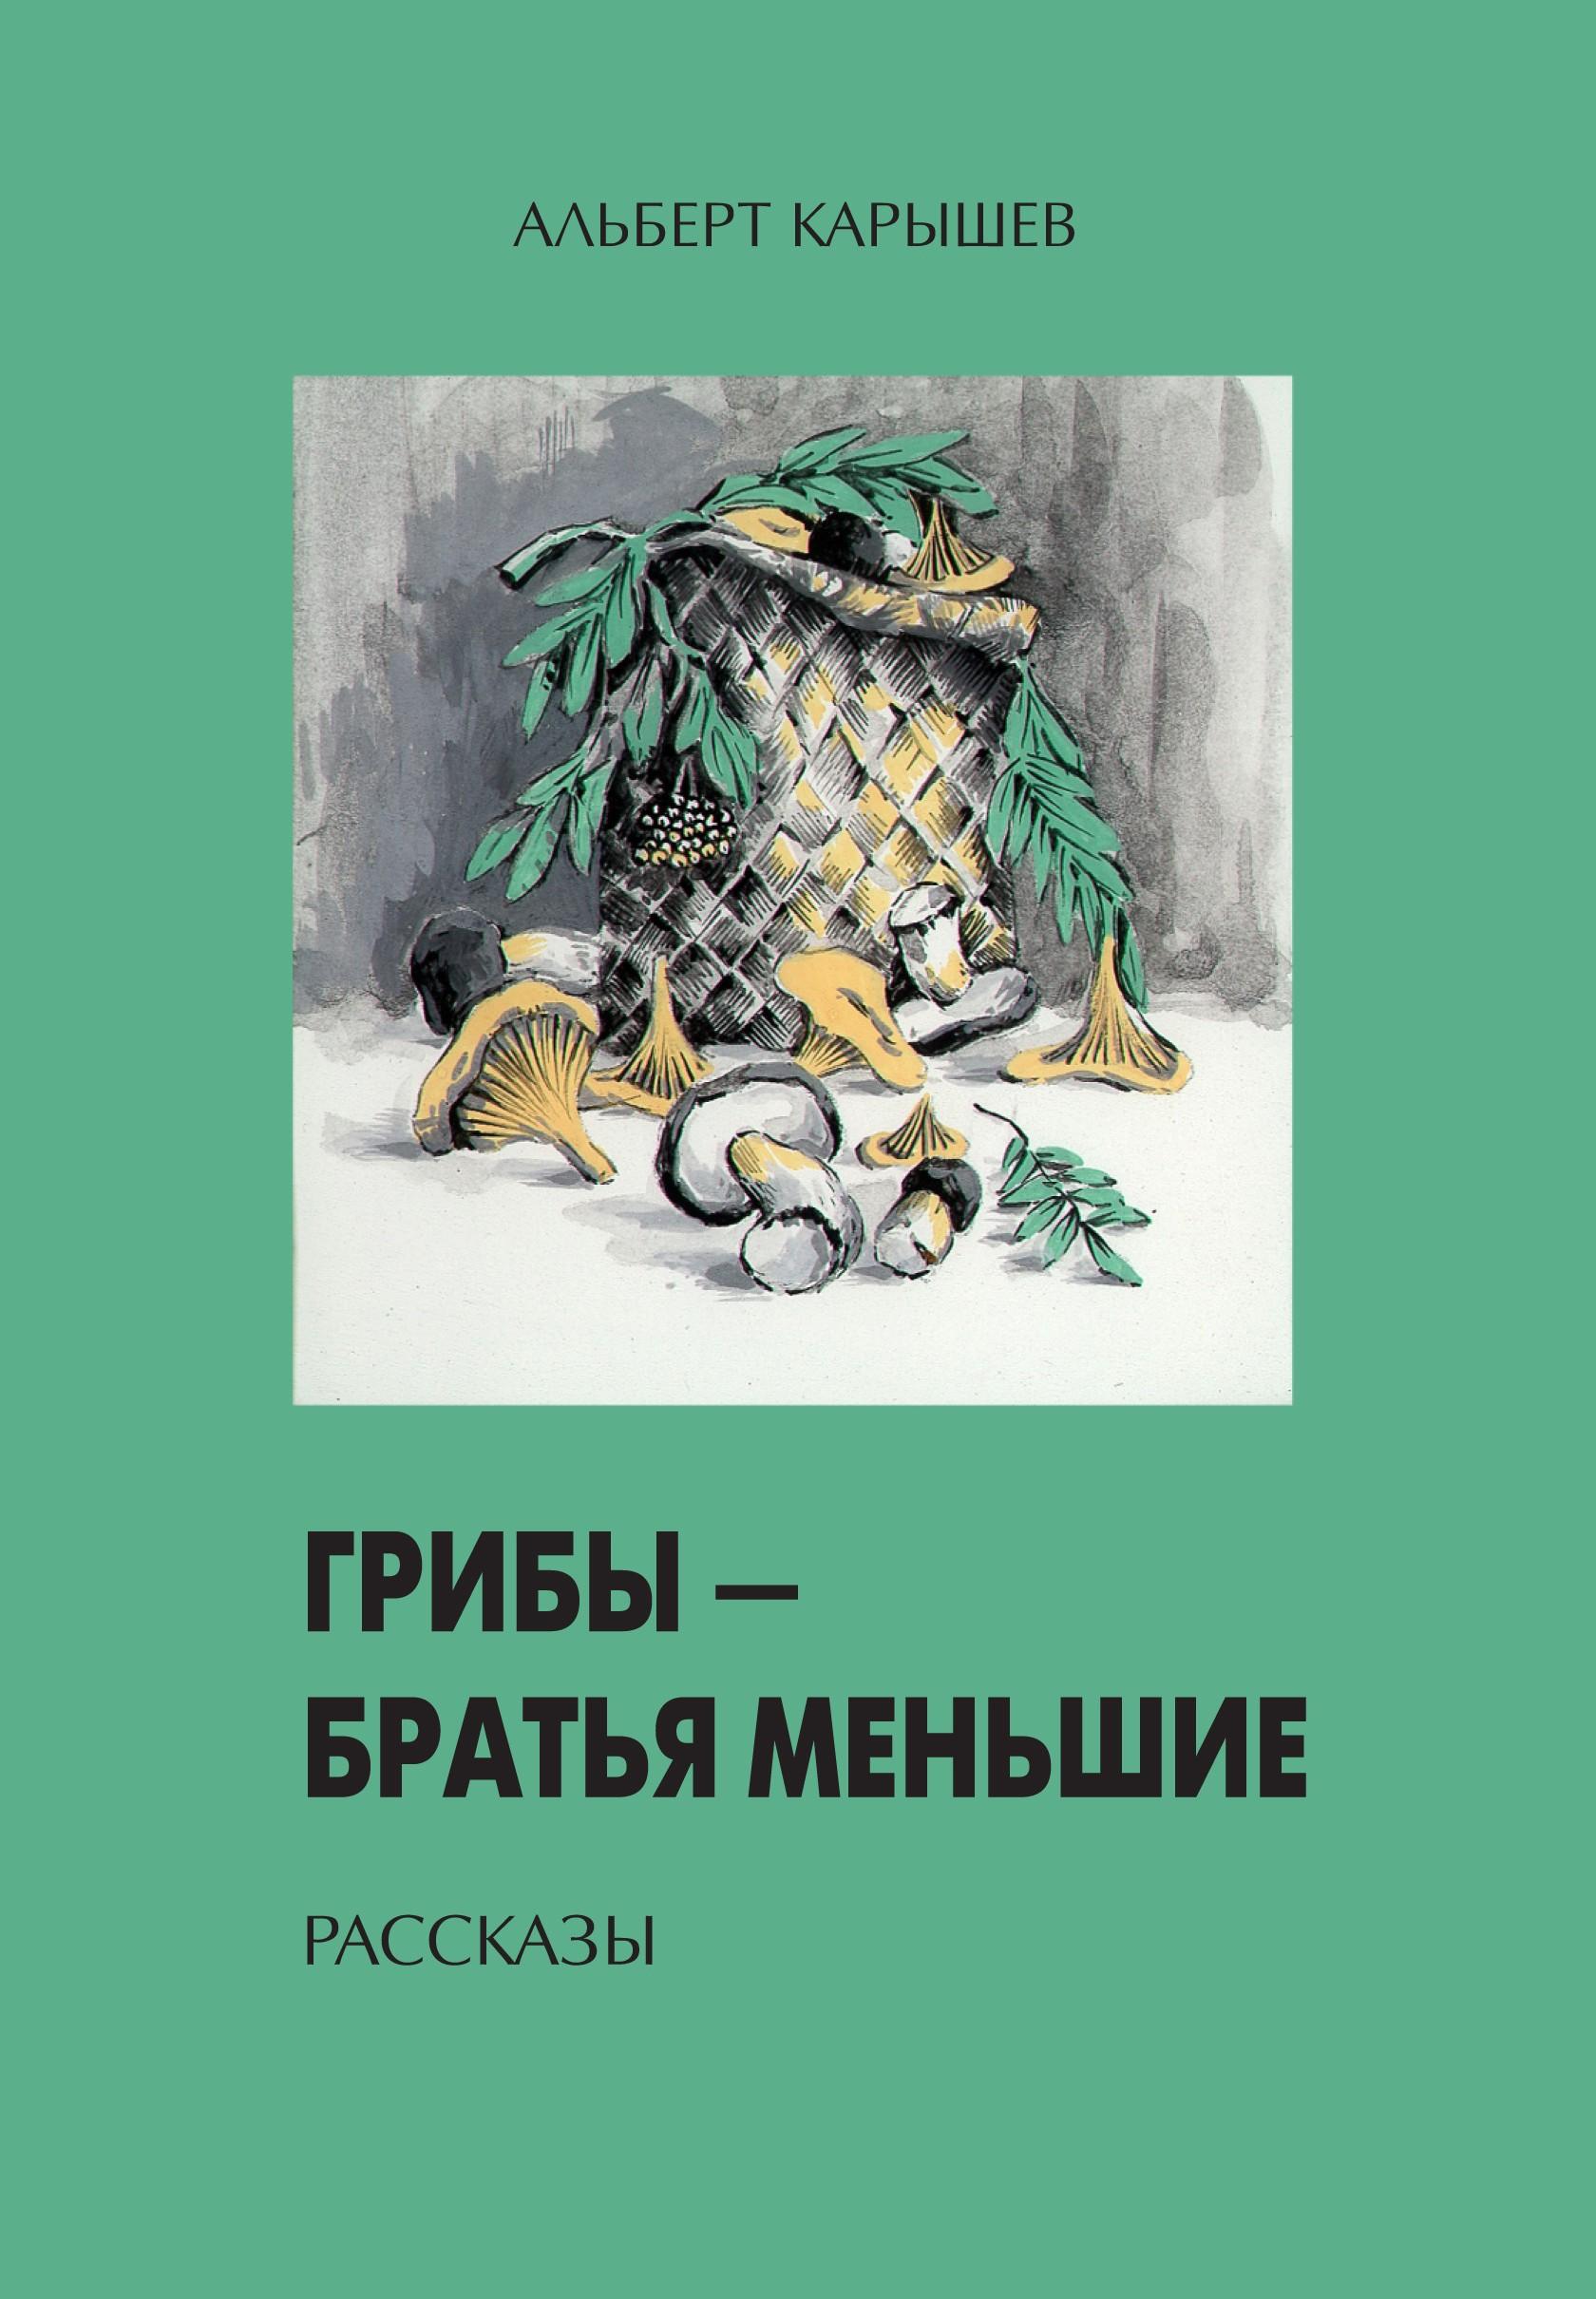 Грибы – братья меньшие (сборник)